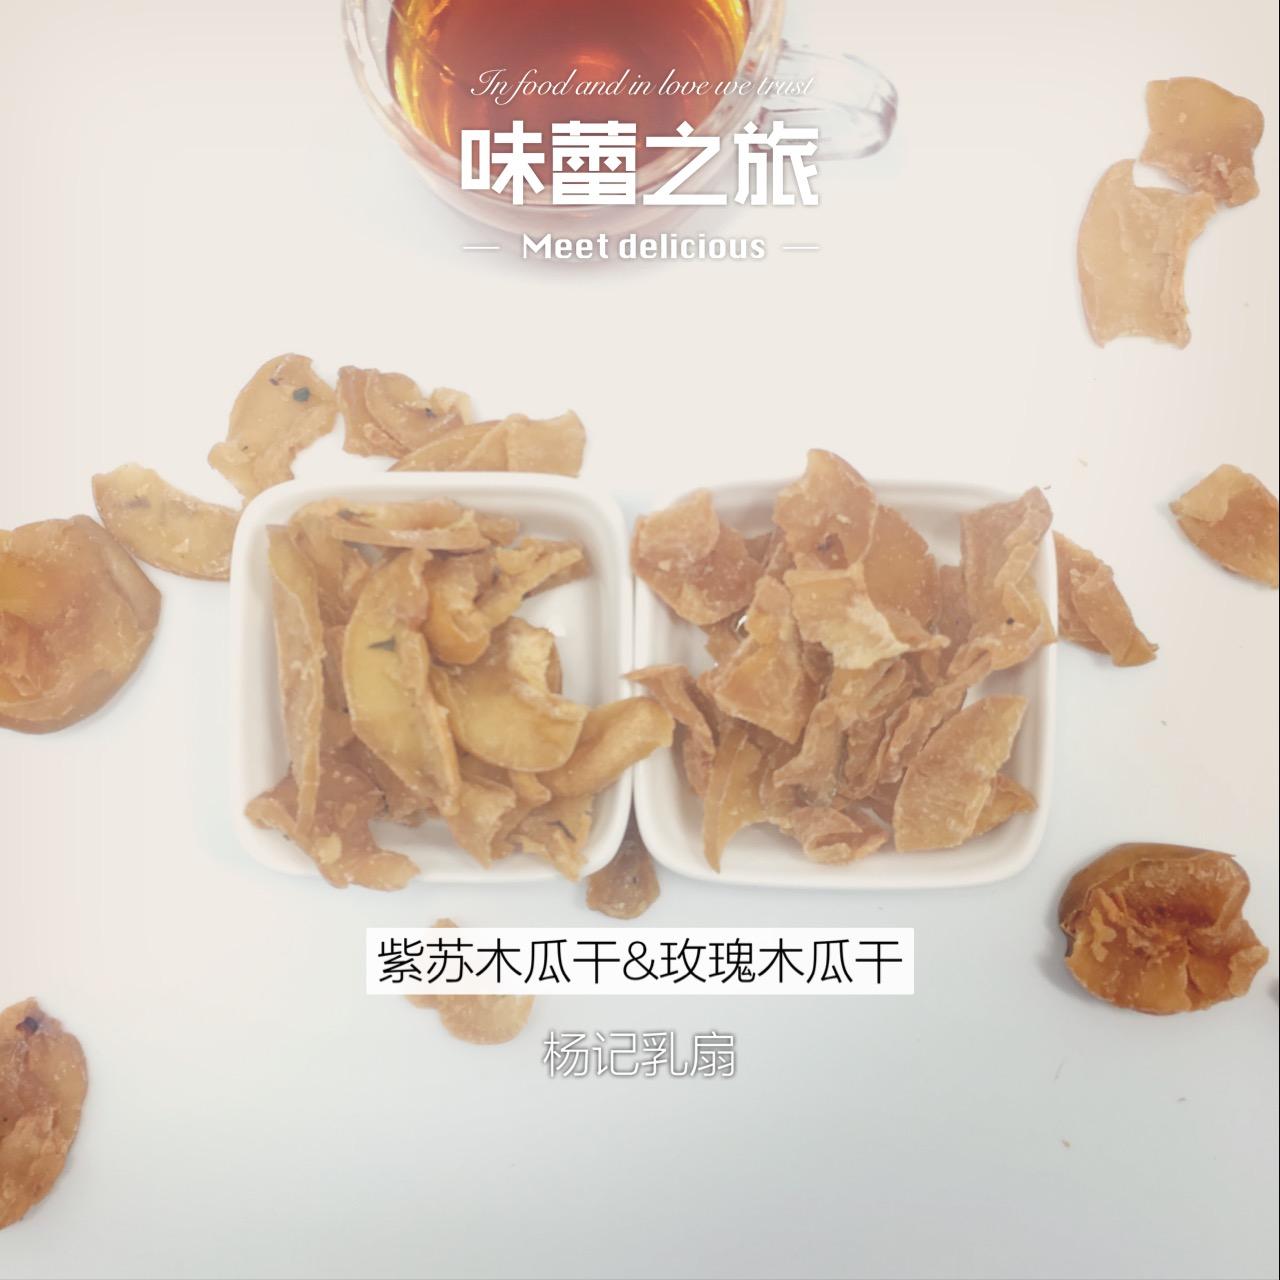 Фиолетовый провинция сучжоу папайя сухой палисандр дыня сухой - дали тополь запомнить модельывать слива горячей характеристика случайный фрукты засахаренный есть товары эксклюзивный